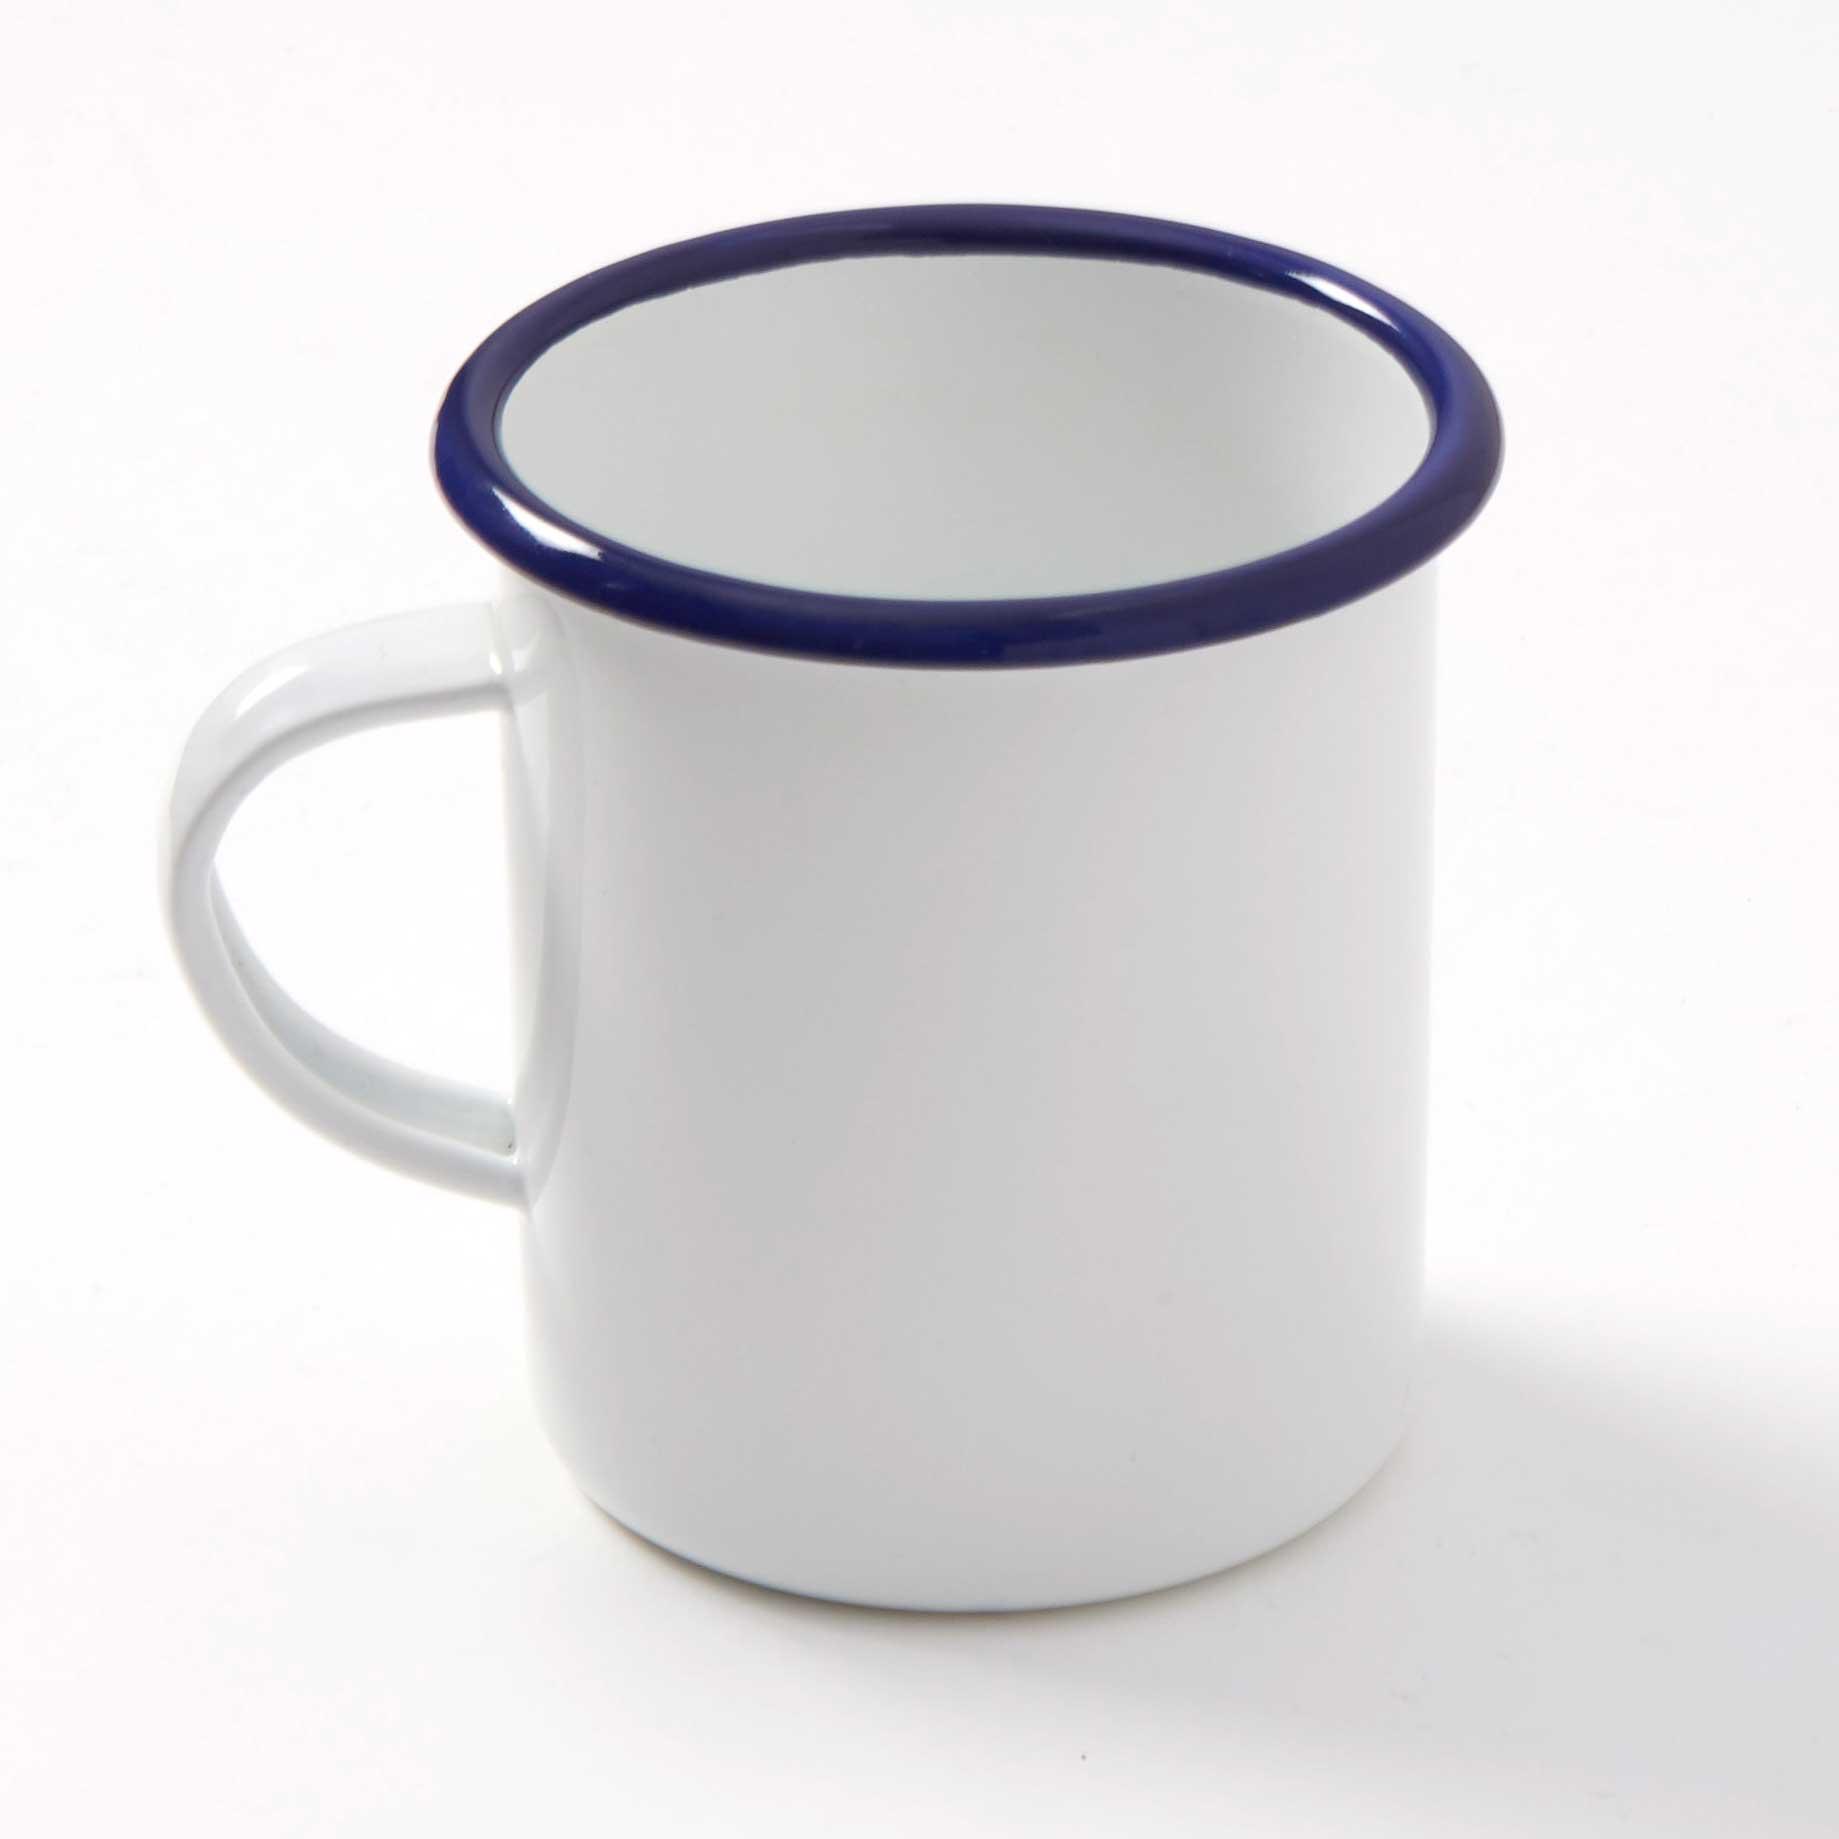 American Metalcraft EWM16 mug, metal